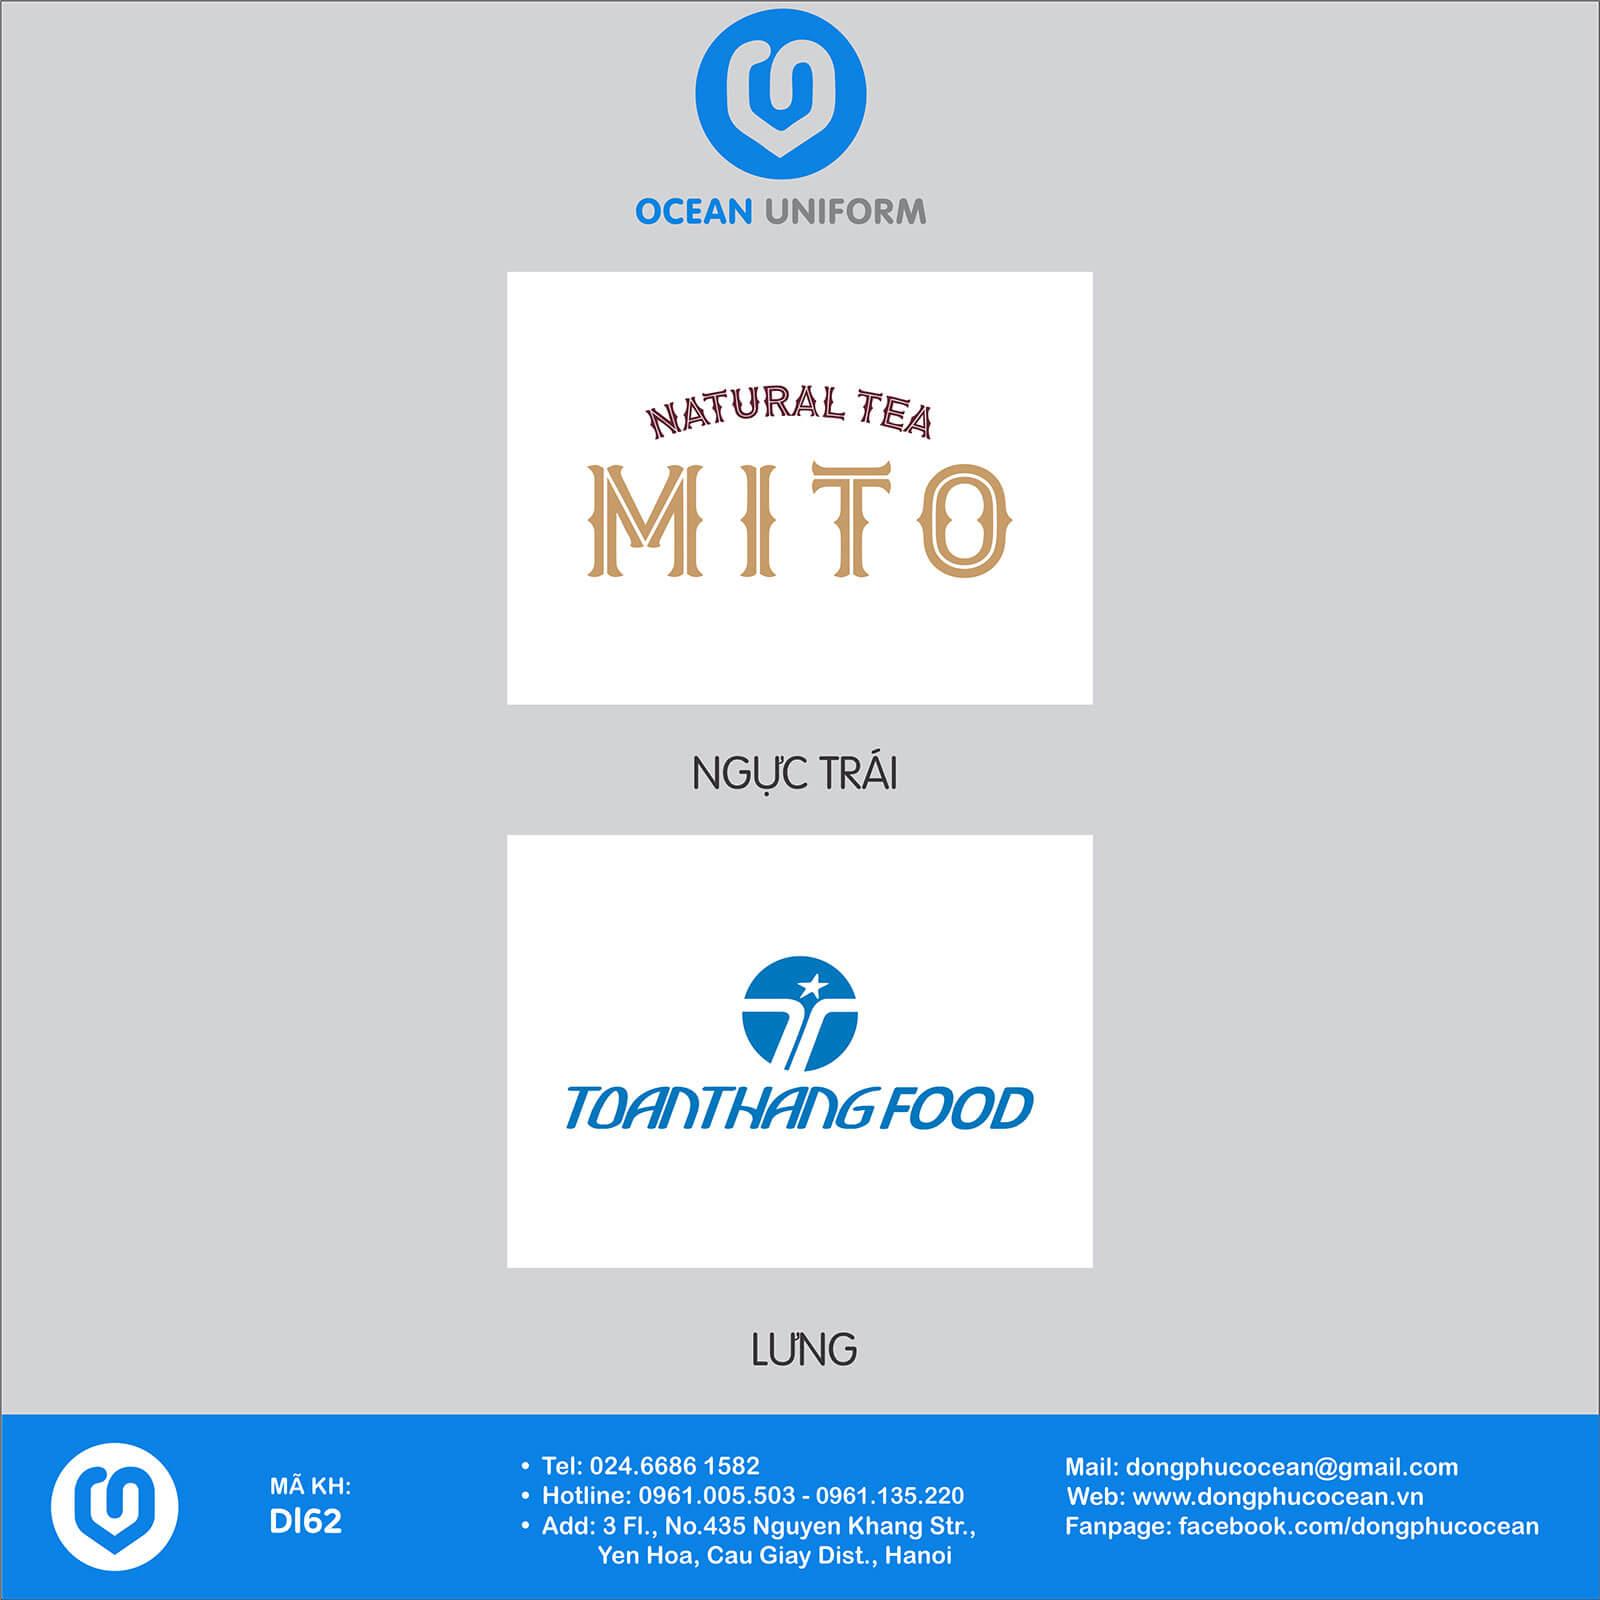 Họa tiết áo khoác gió 3 lớp đồng phục Trà sữa Mito Hàn Quốc